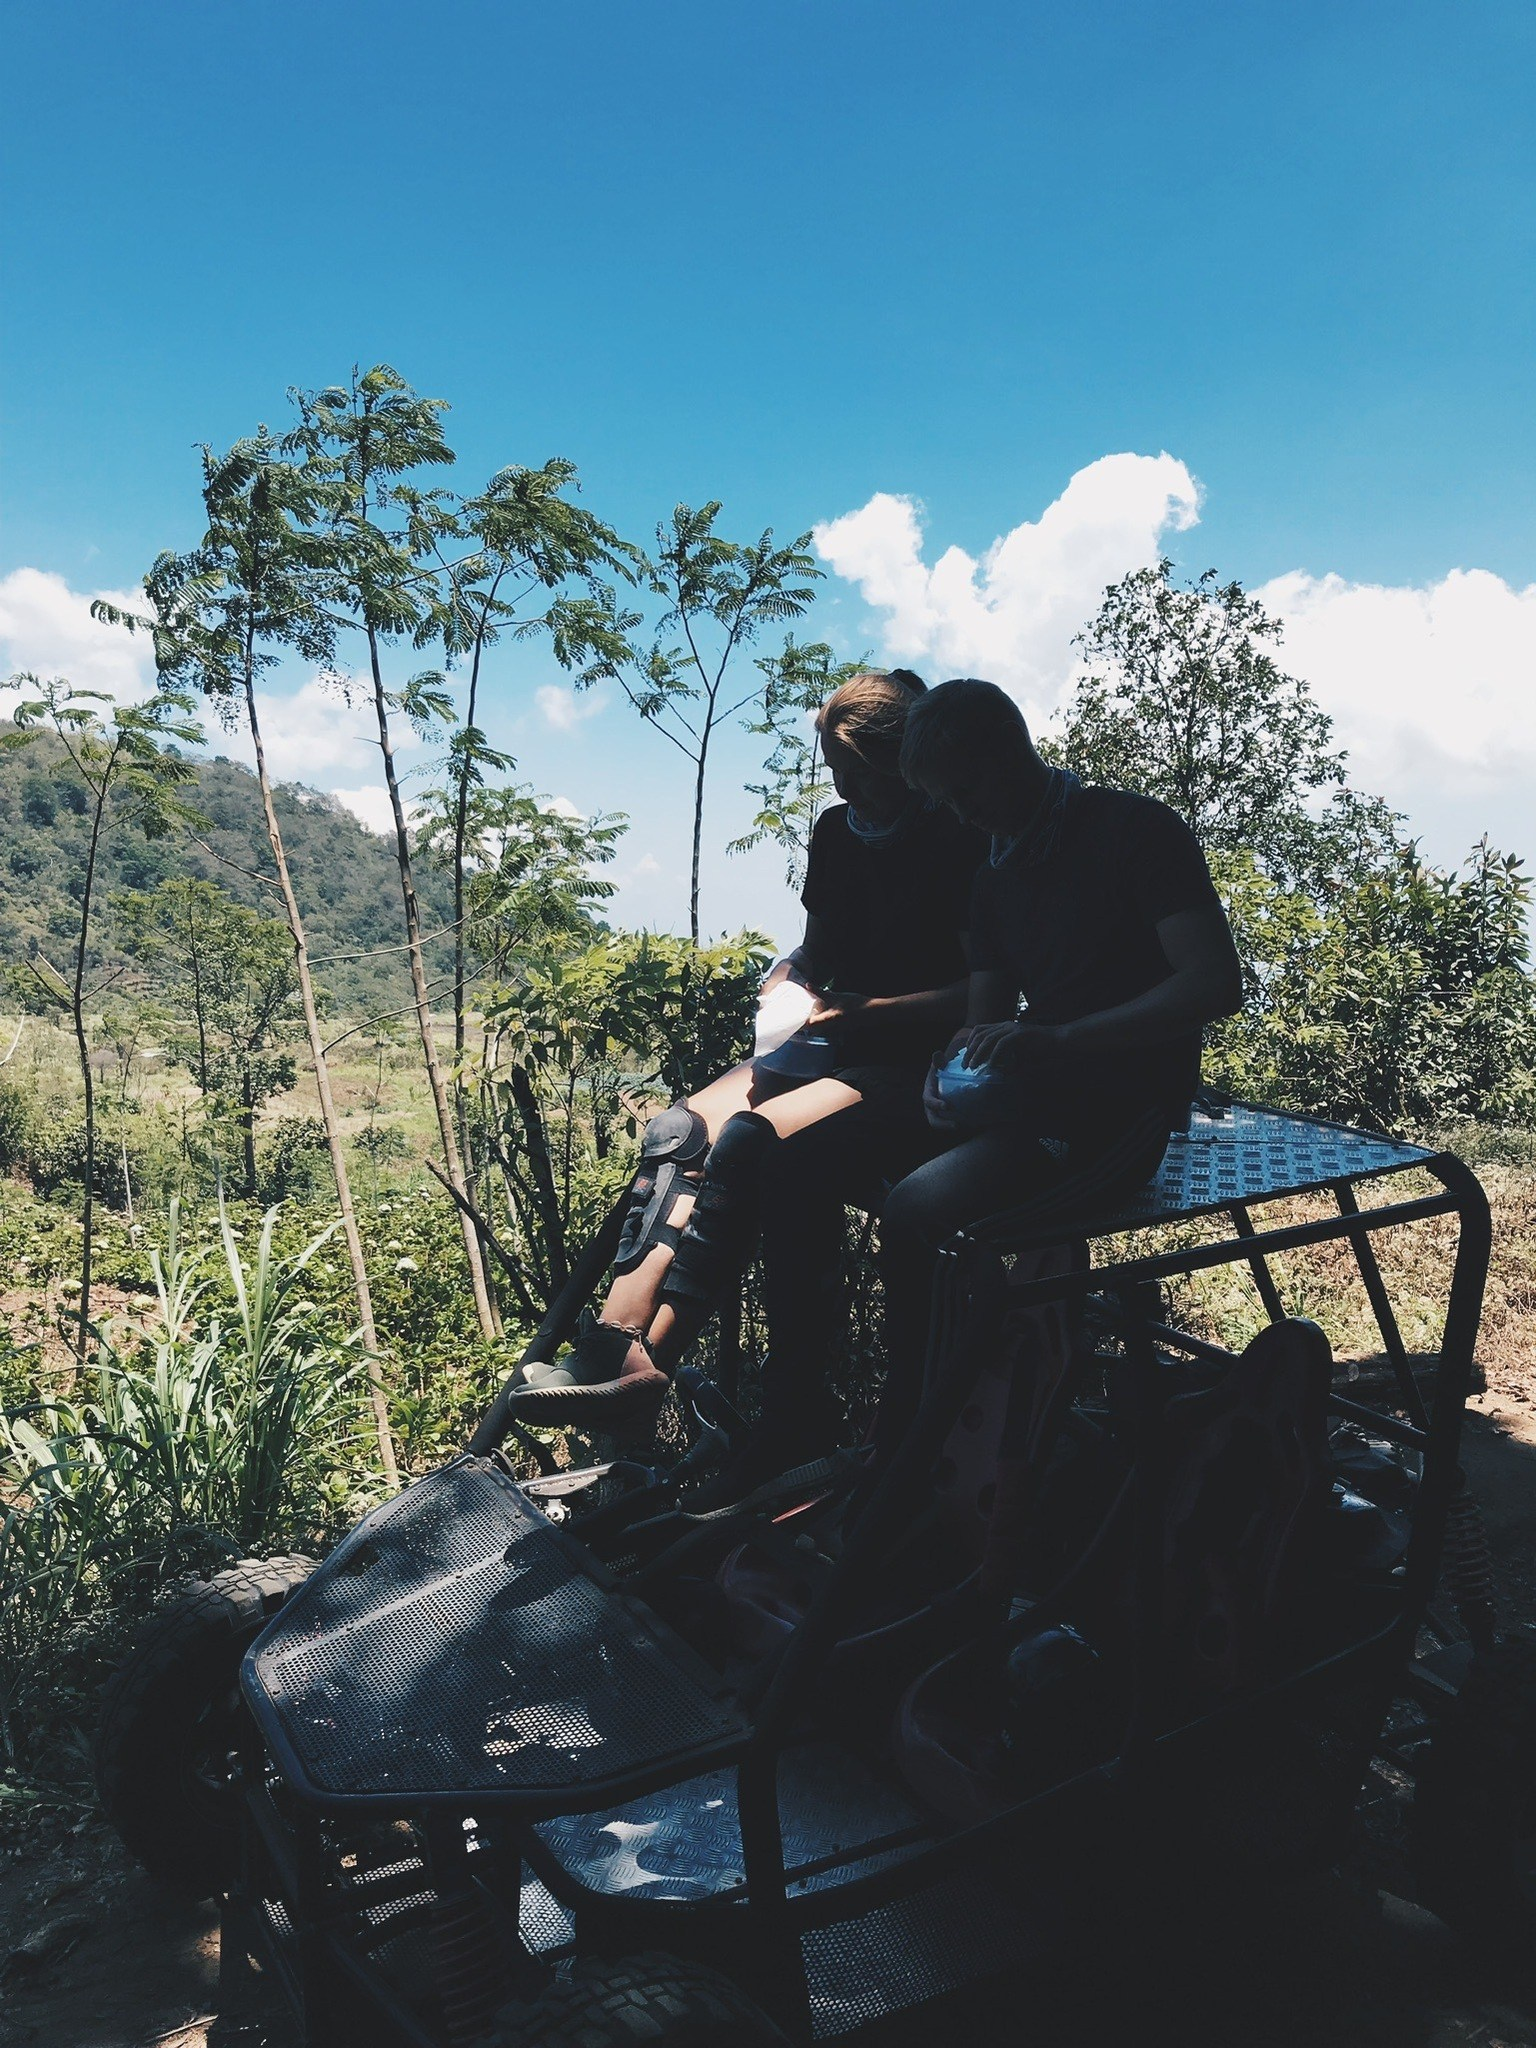 REJSE GUIDE <strong>BALI</strong> - Ubud, Lembongan, Ceningan & Sanur 89